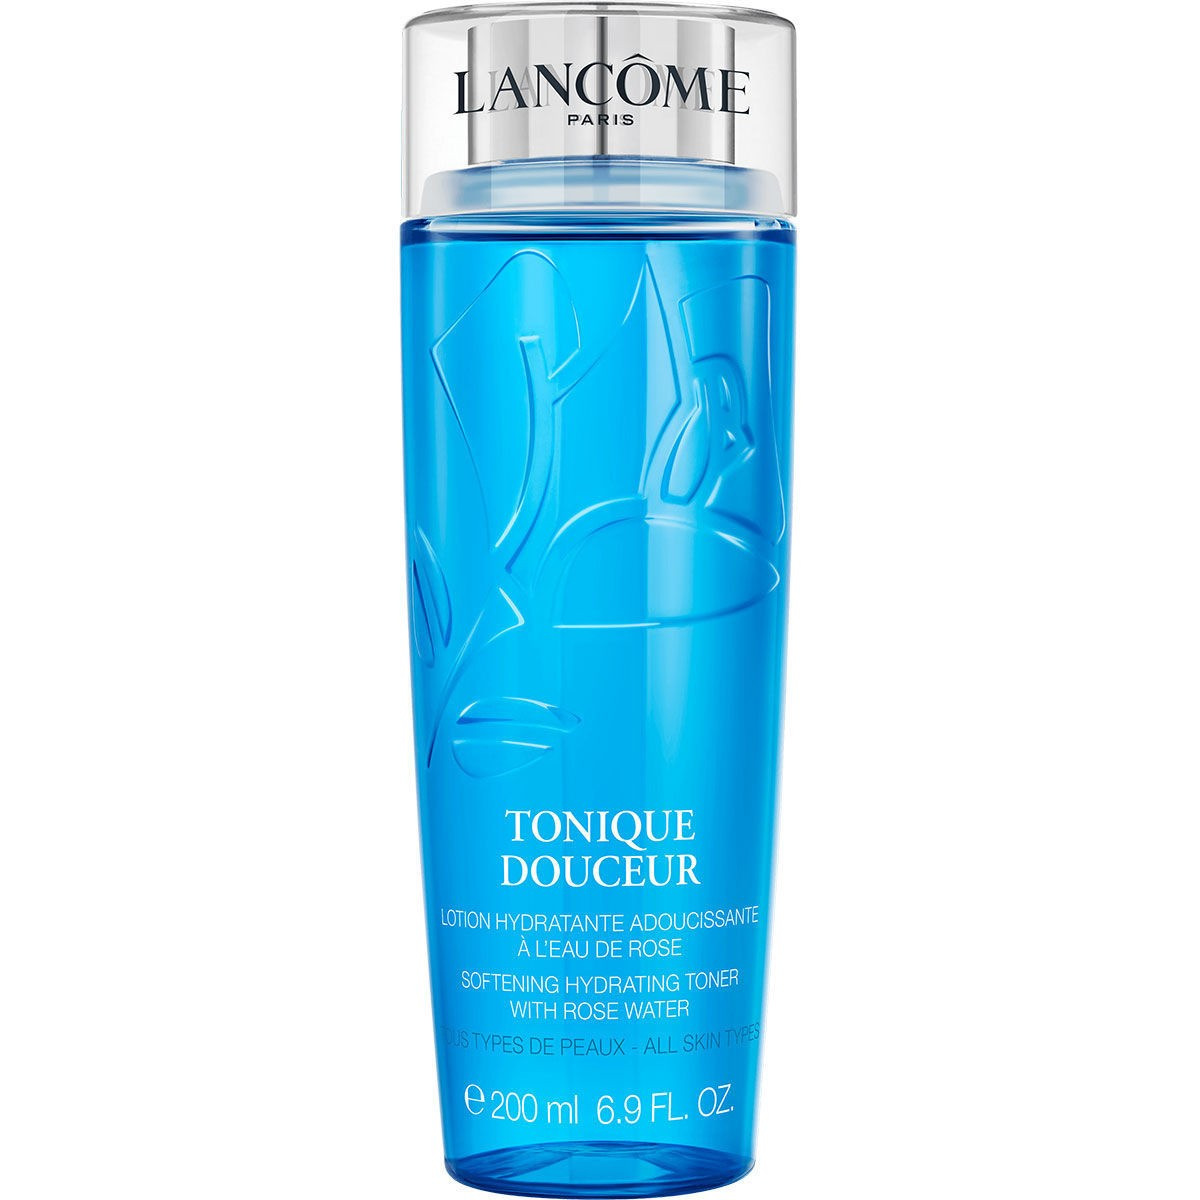 Lancôme - Tonique Douceur - 200 ml